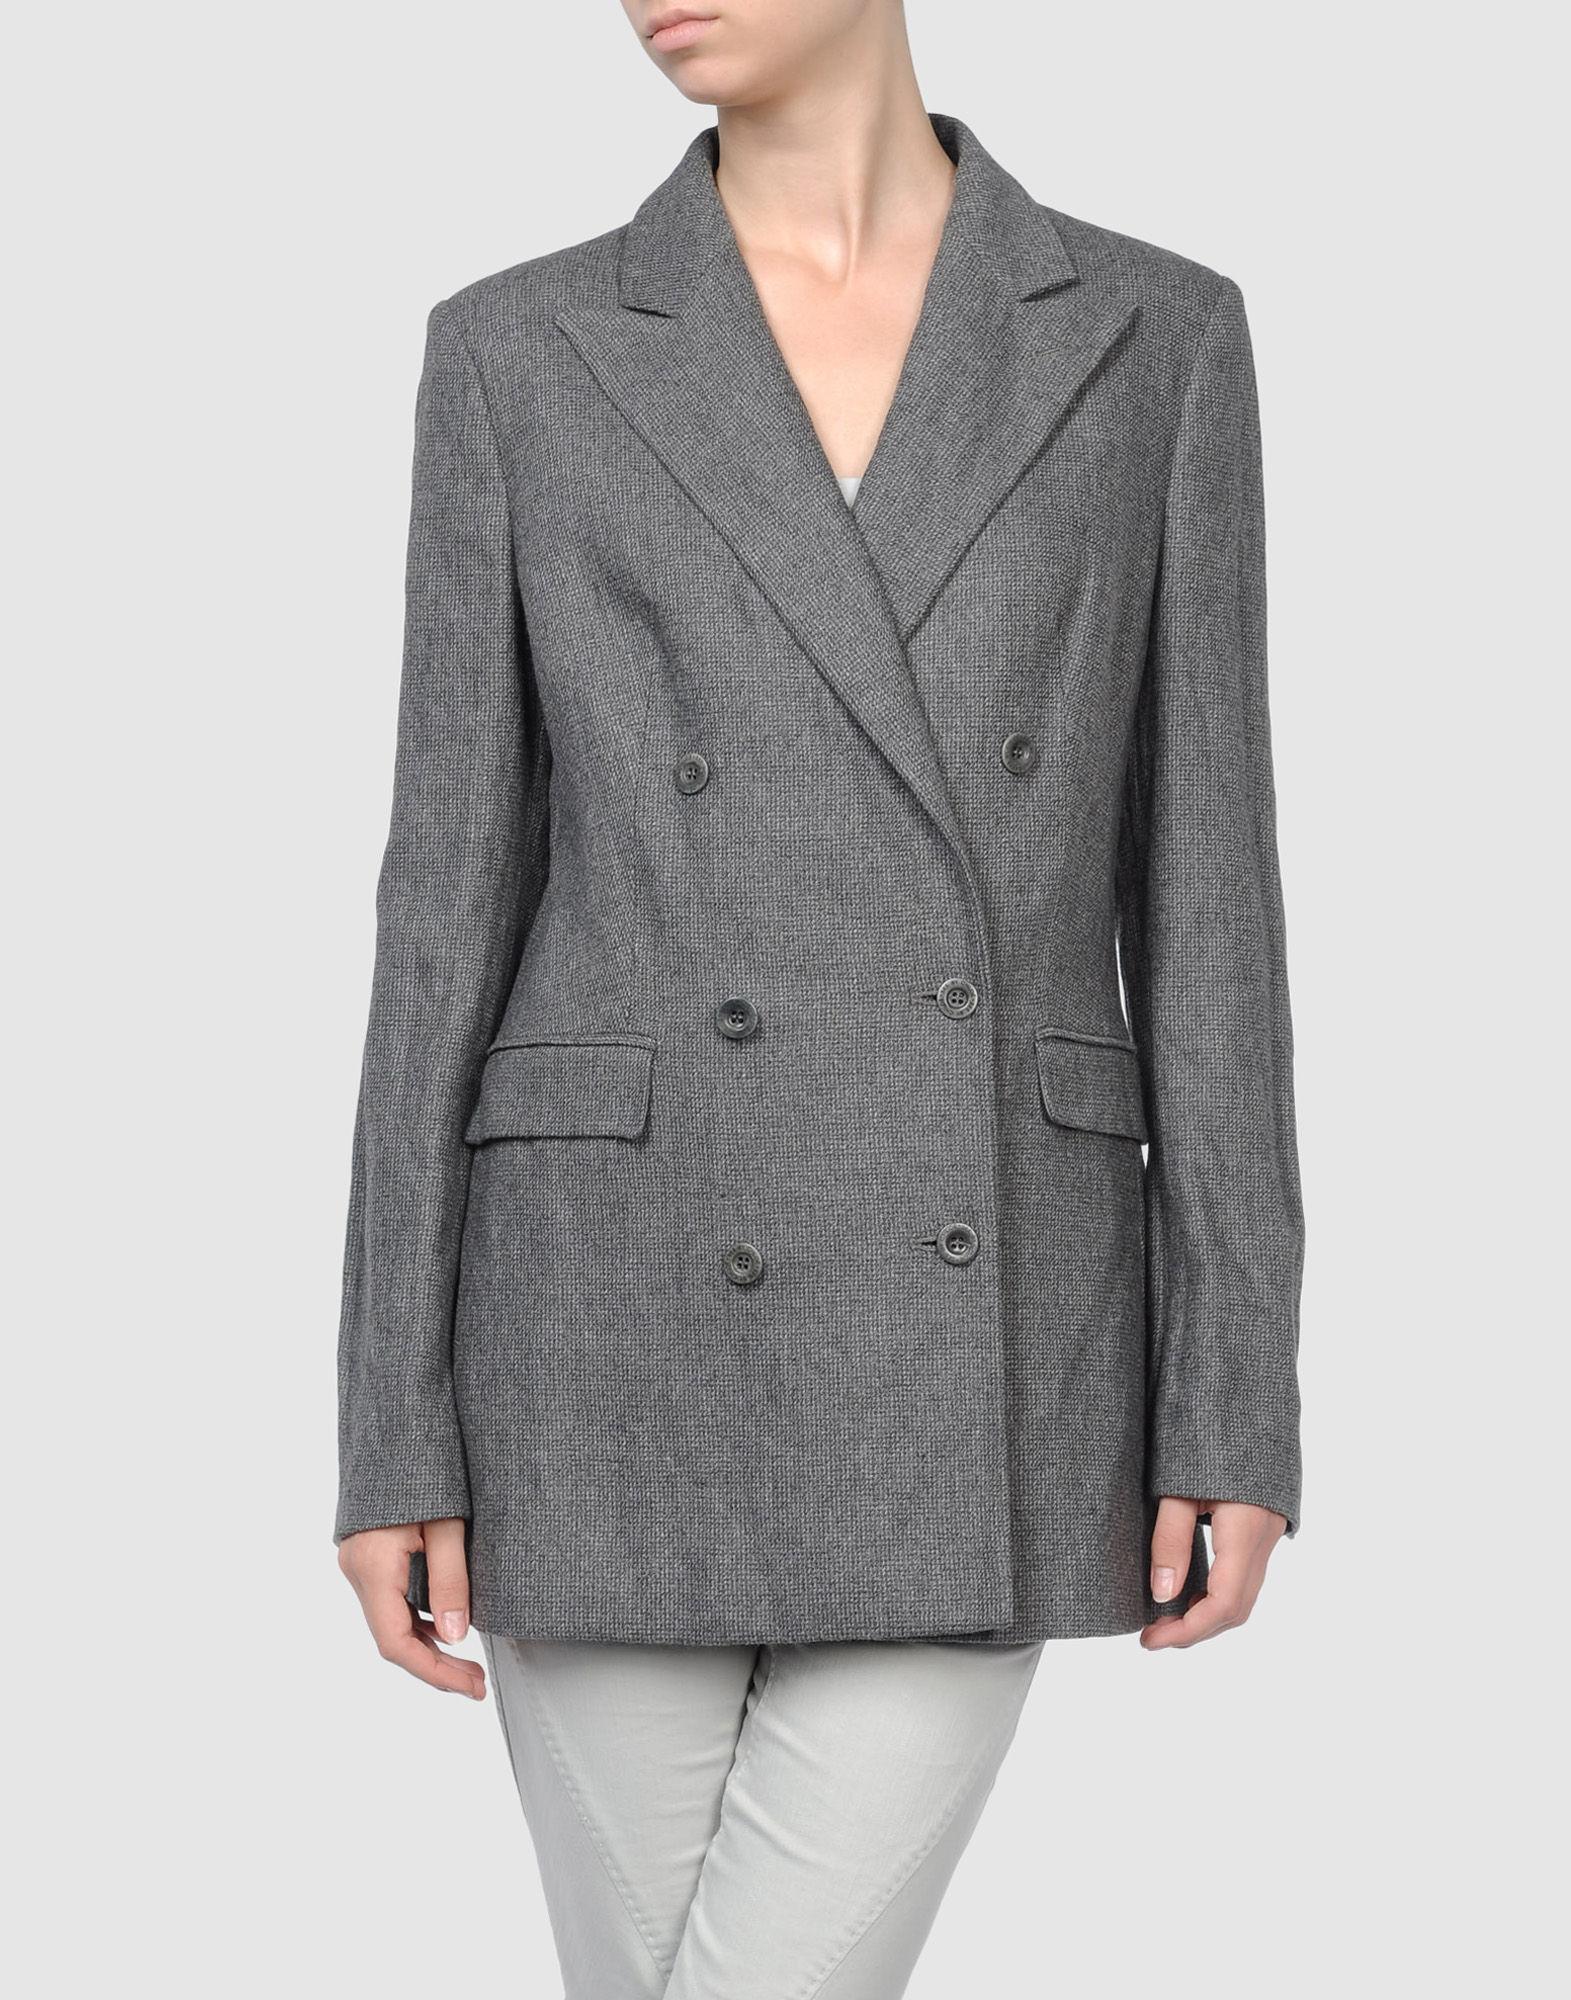 【junono美国专柜】正品 see by chloe 羊毛双排扣西装外套 现货